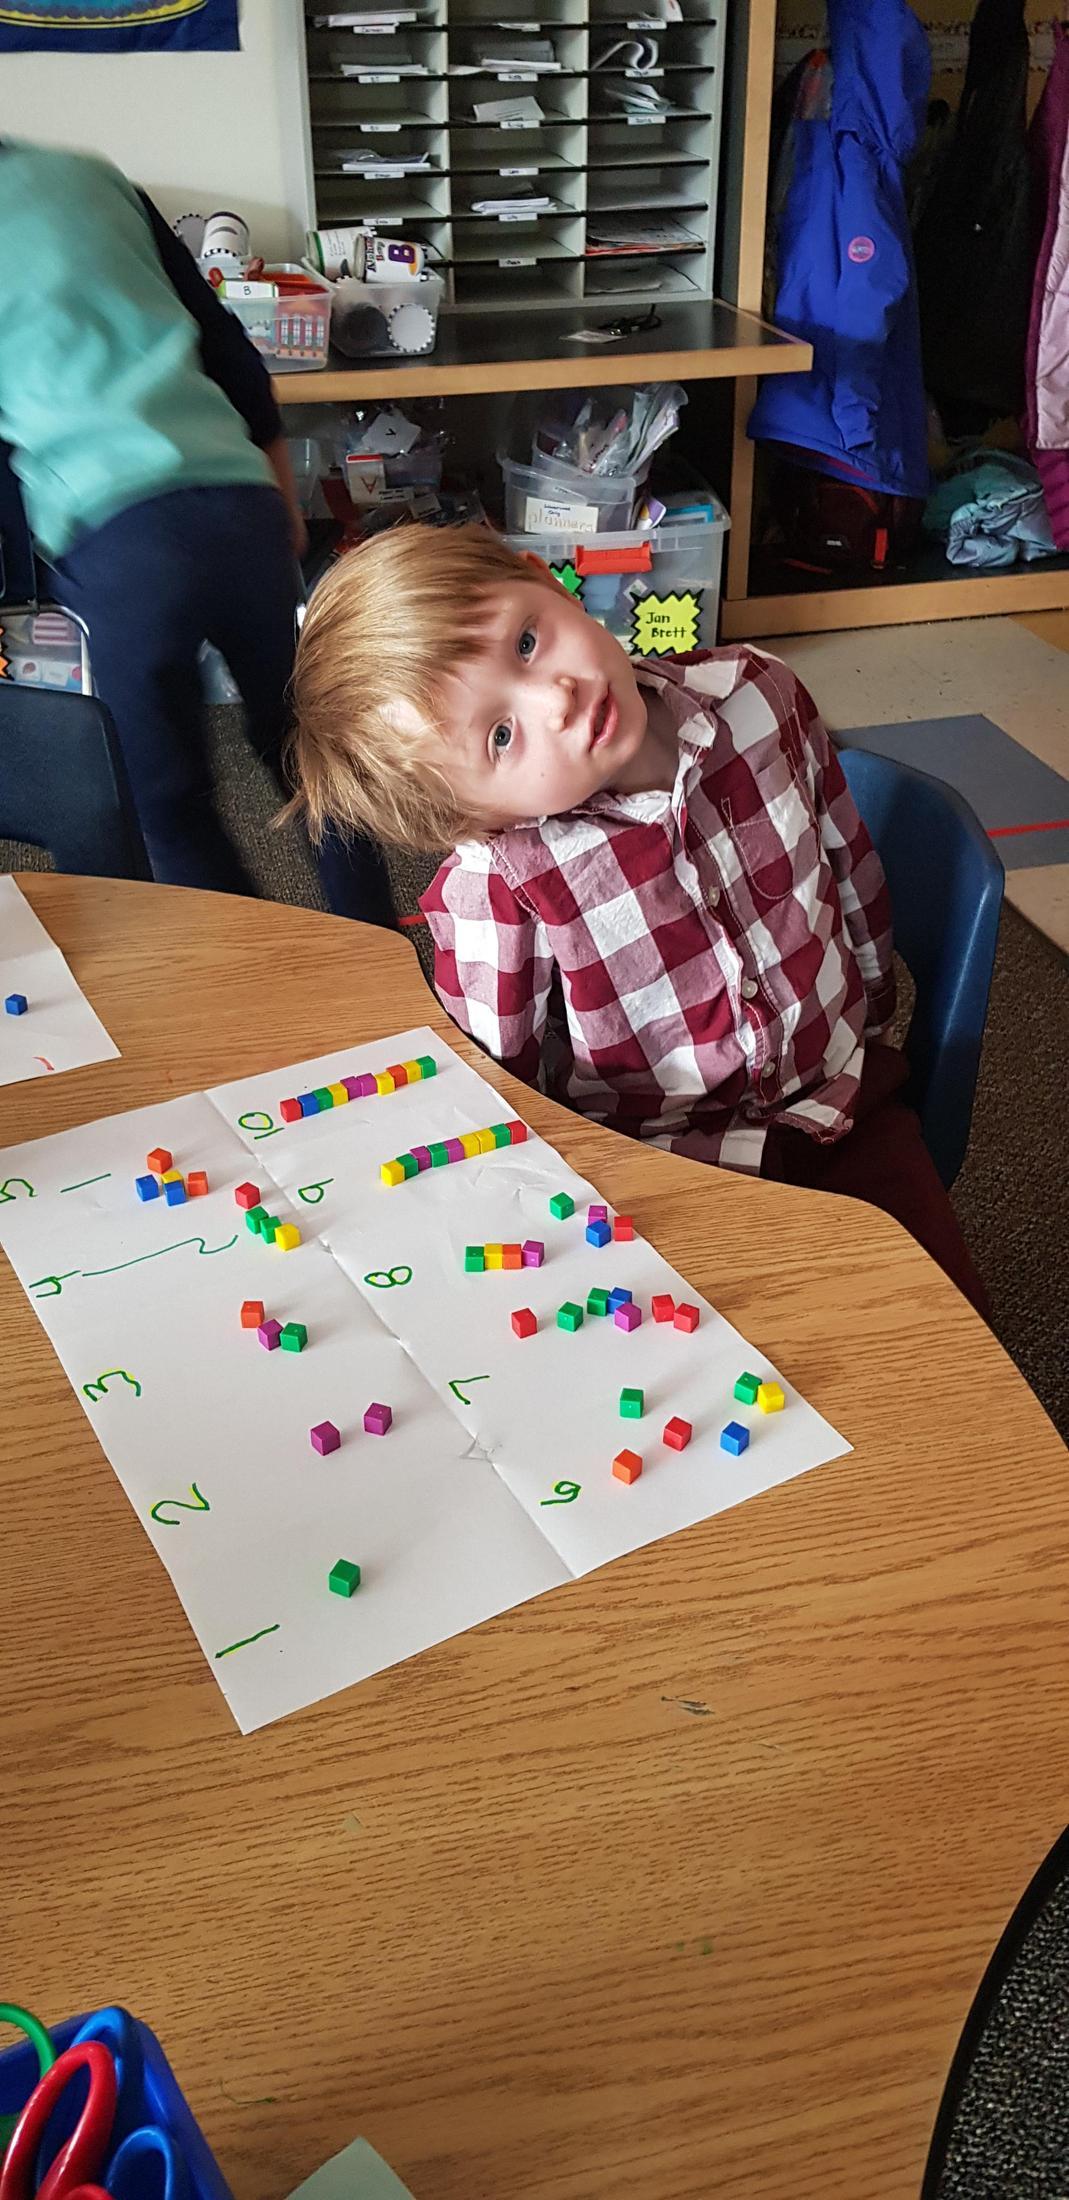 Fun with Math!